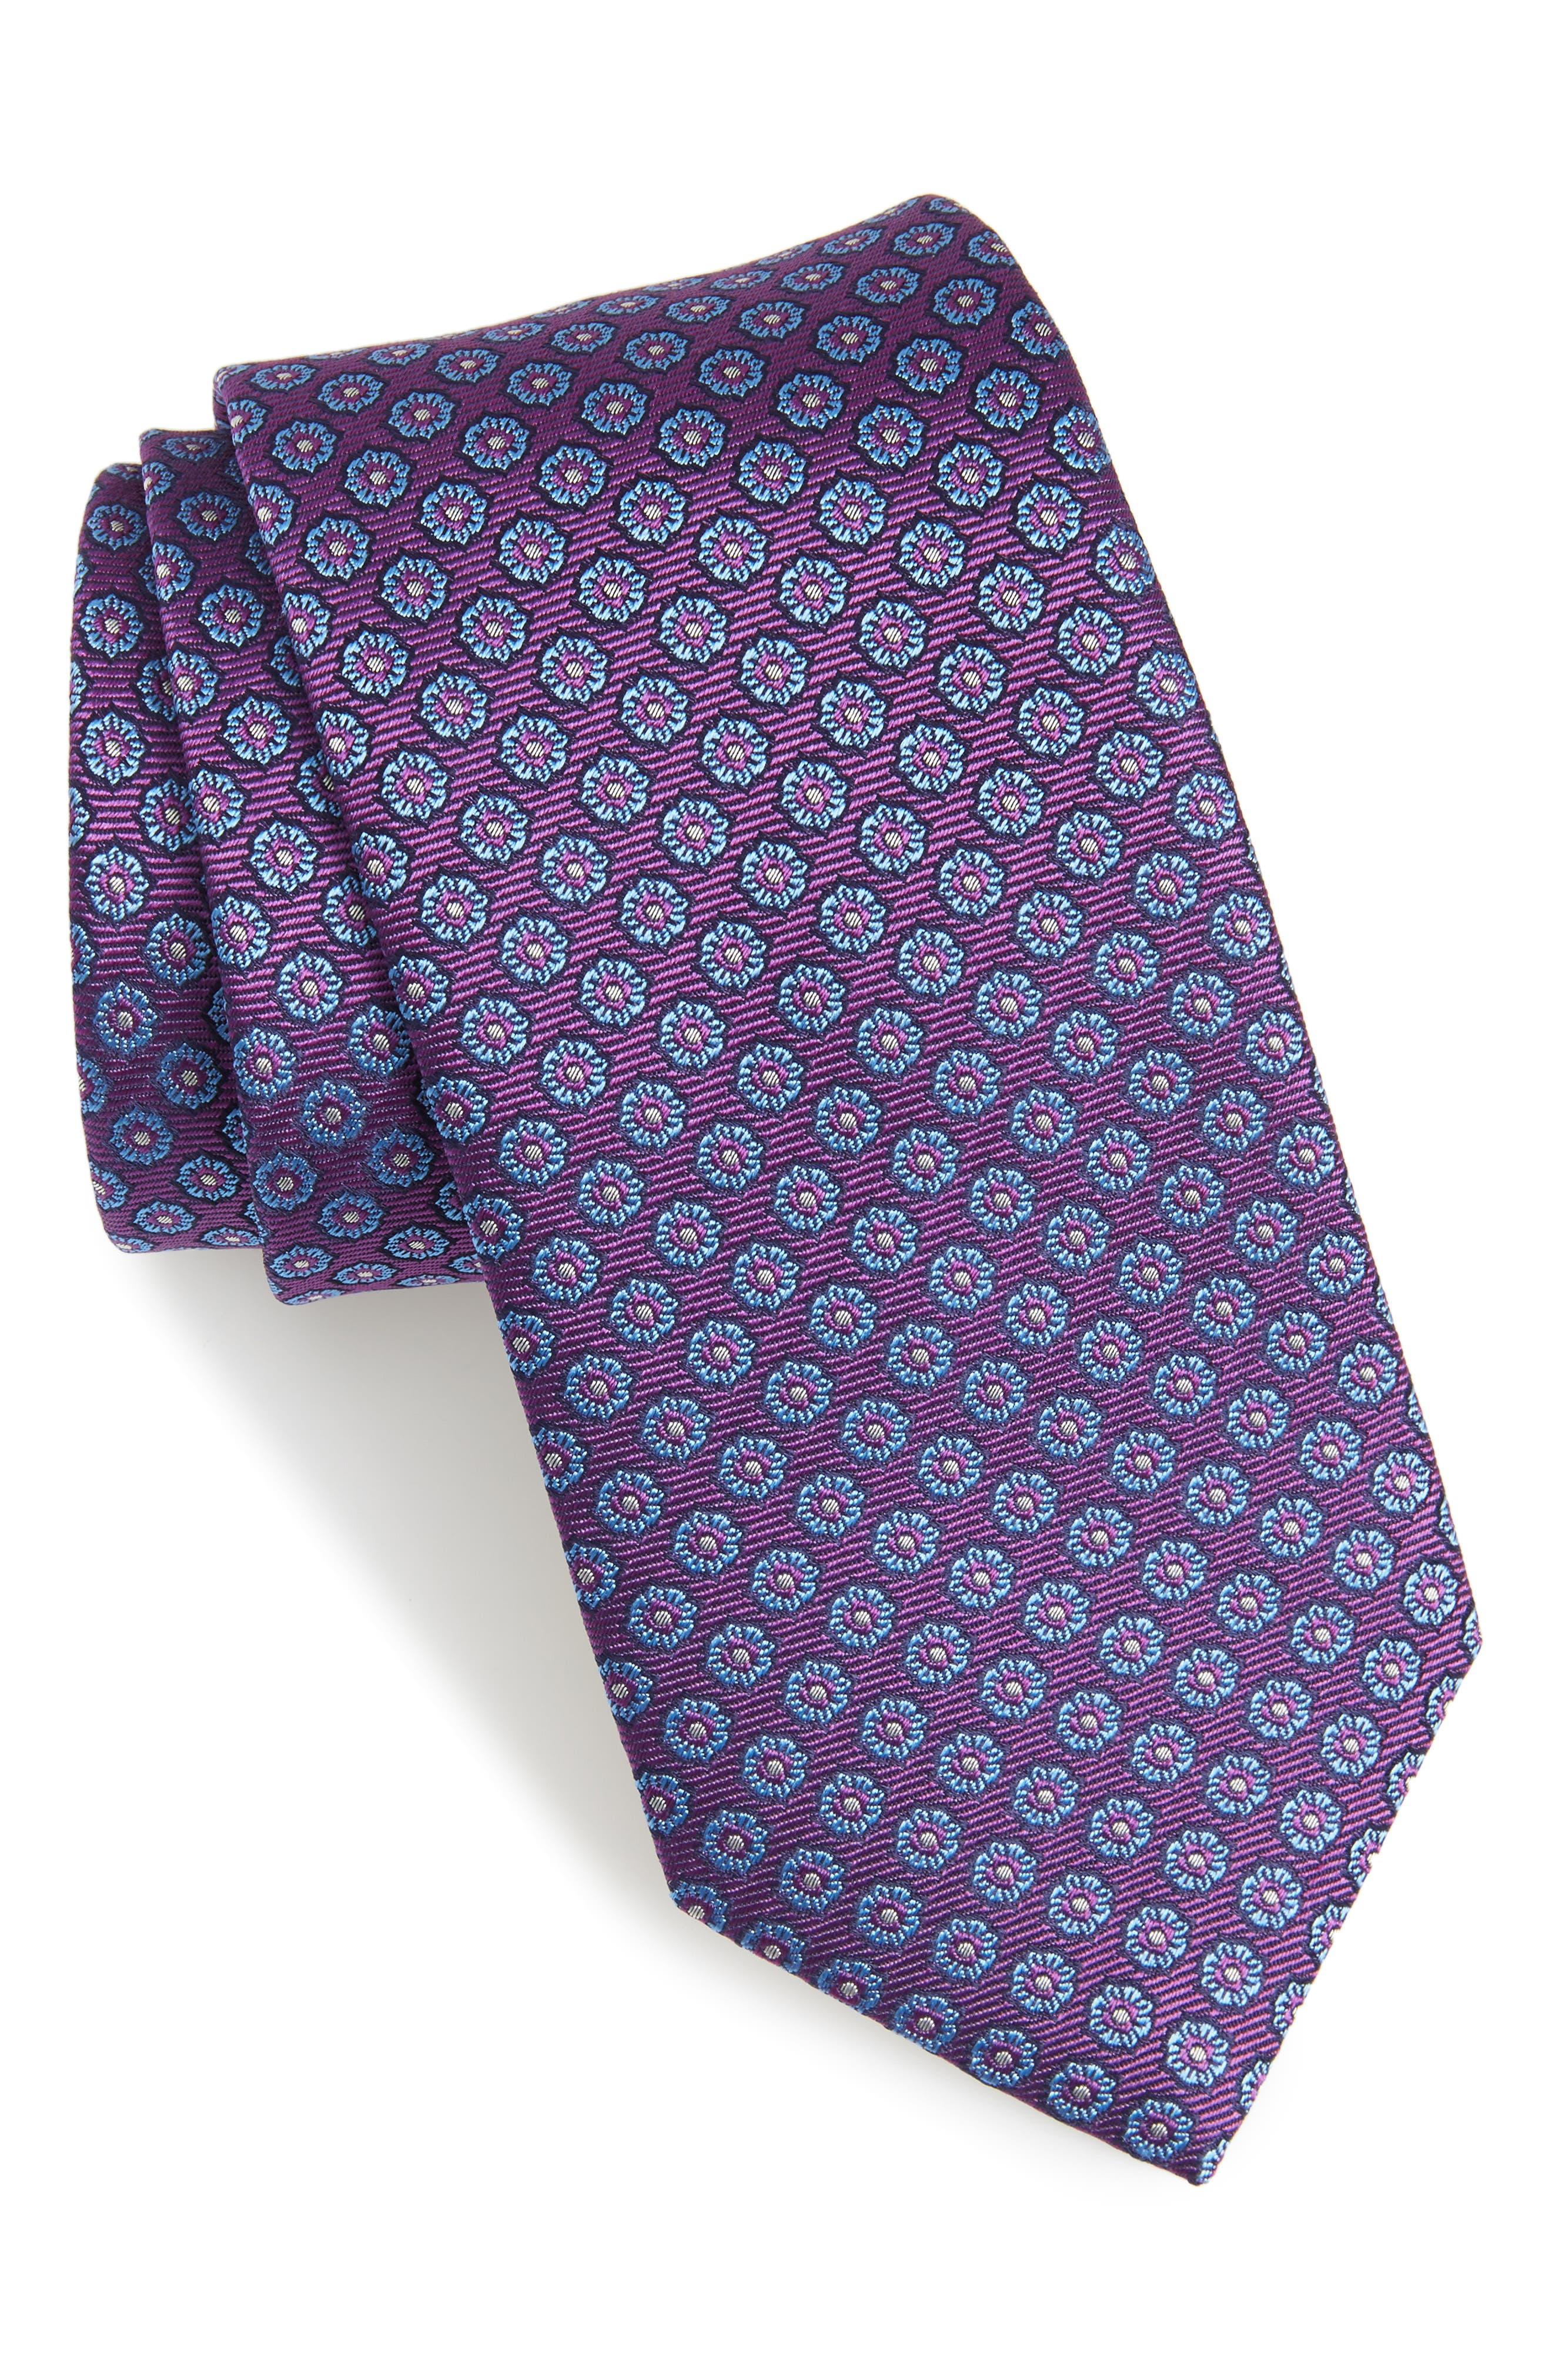 Eton Floral Medallion Silk Tie